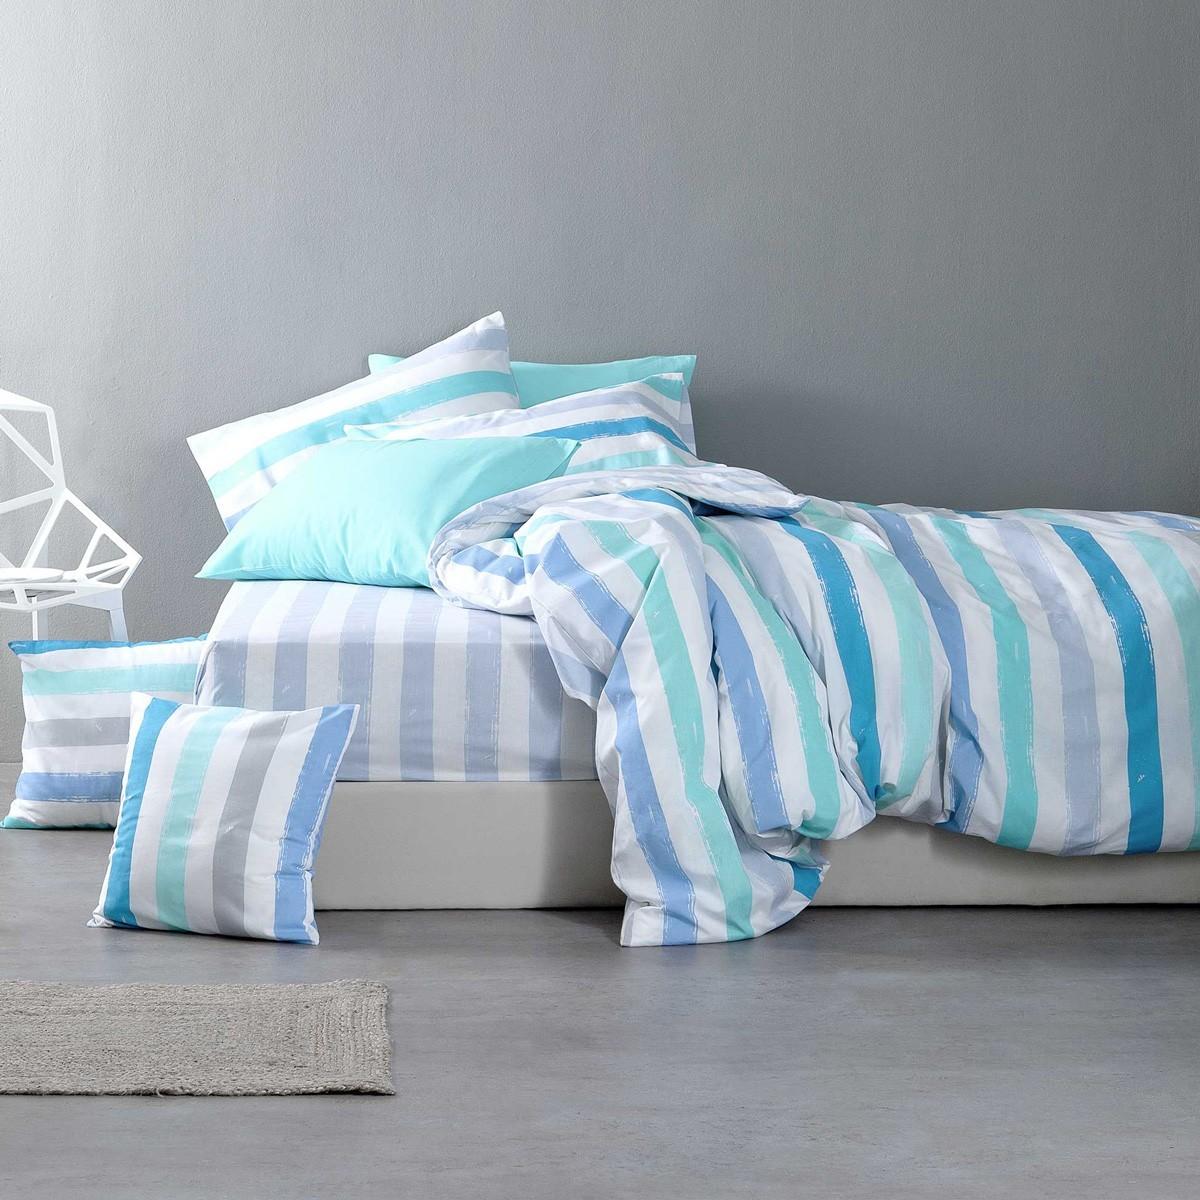 Παπλωματοθήκη Υπέρδιπλη (Σετ) Nima Bed Linen Cantieri Blue